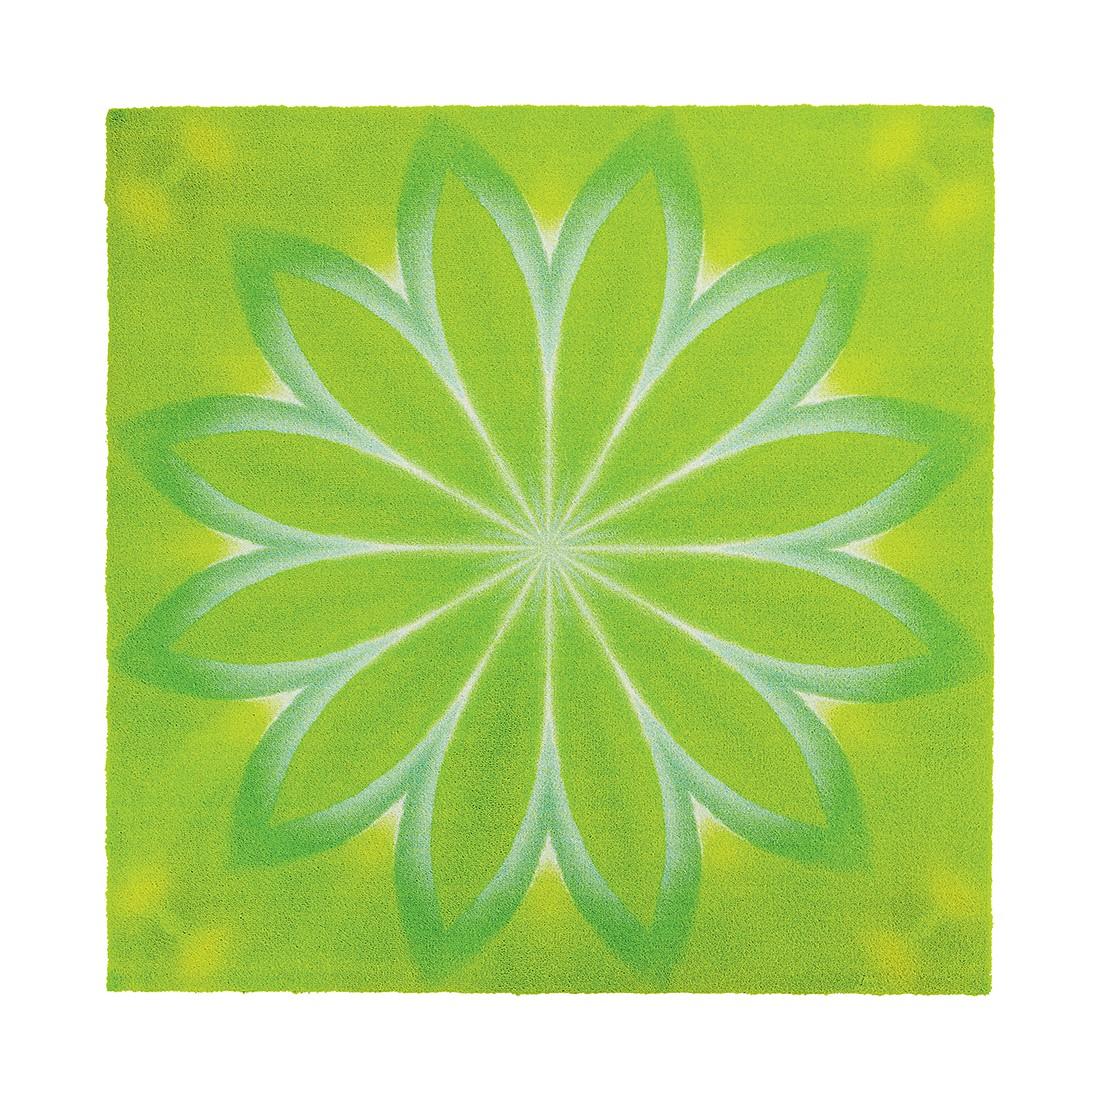 Teppich Kraft der Natur – 120 x 120 cm, Grund günstig online kaufen